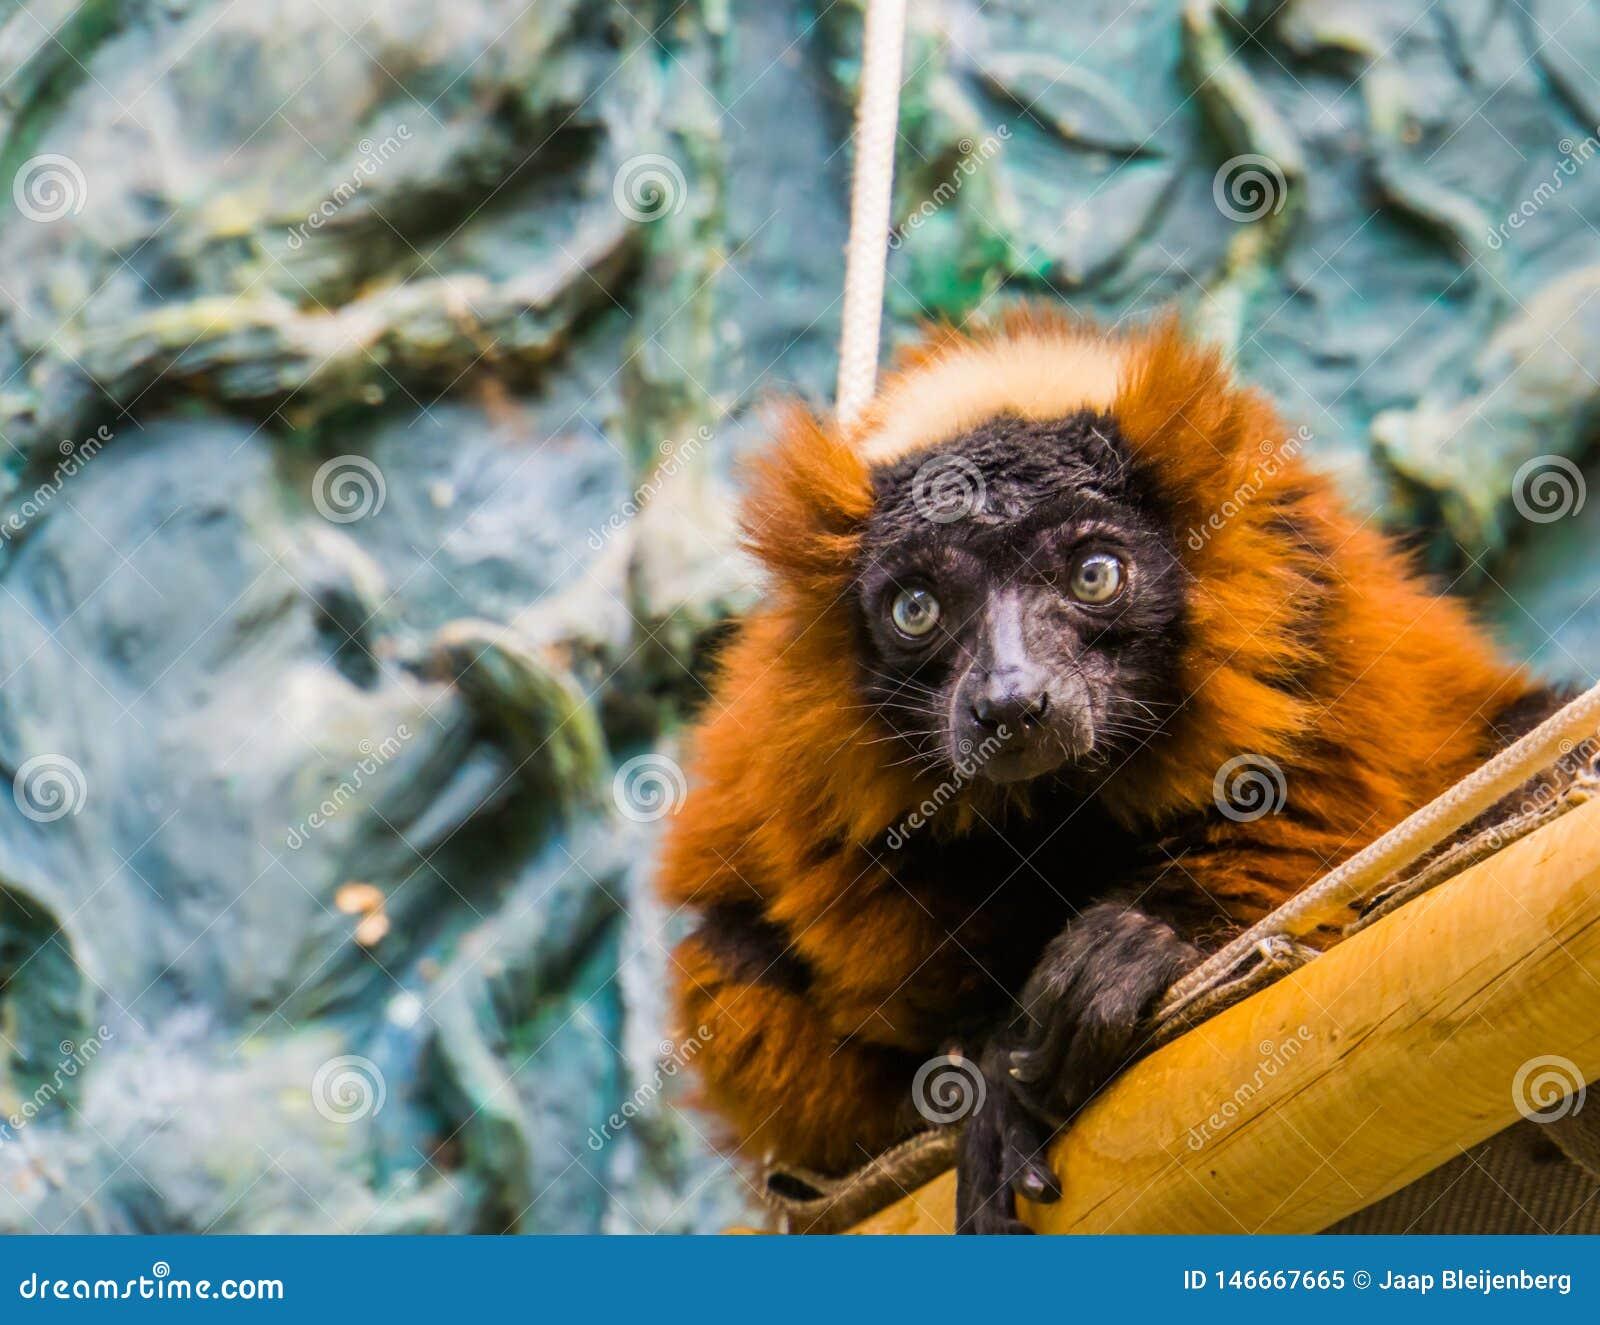 Plan rapproché d un singe ruffed rouge de lémur, primat tropical mignon du Madagascar, espèce animale en critique mise en danger